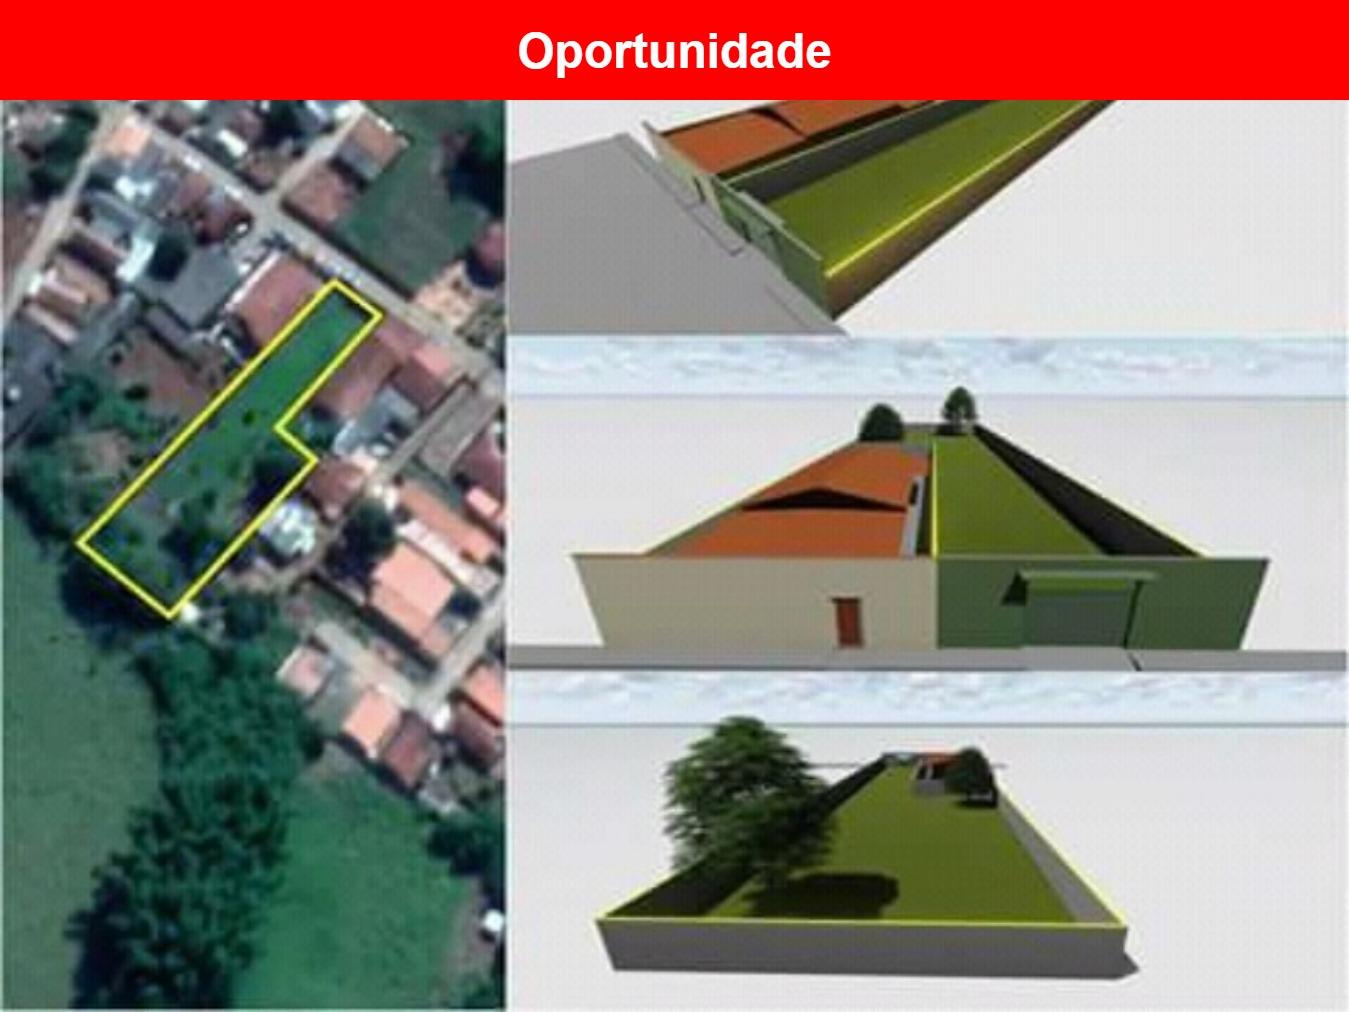 Terreno a venda no Vila Tomaz, São Miguel Arcanjo - SP